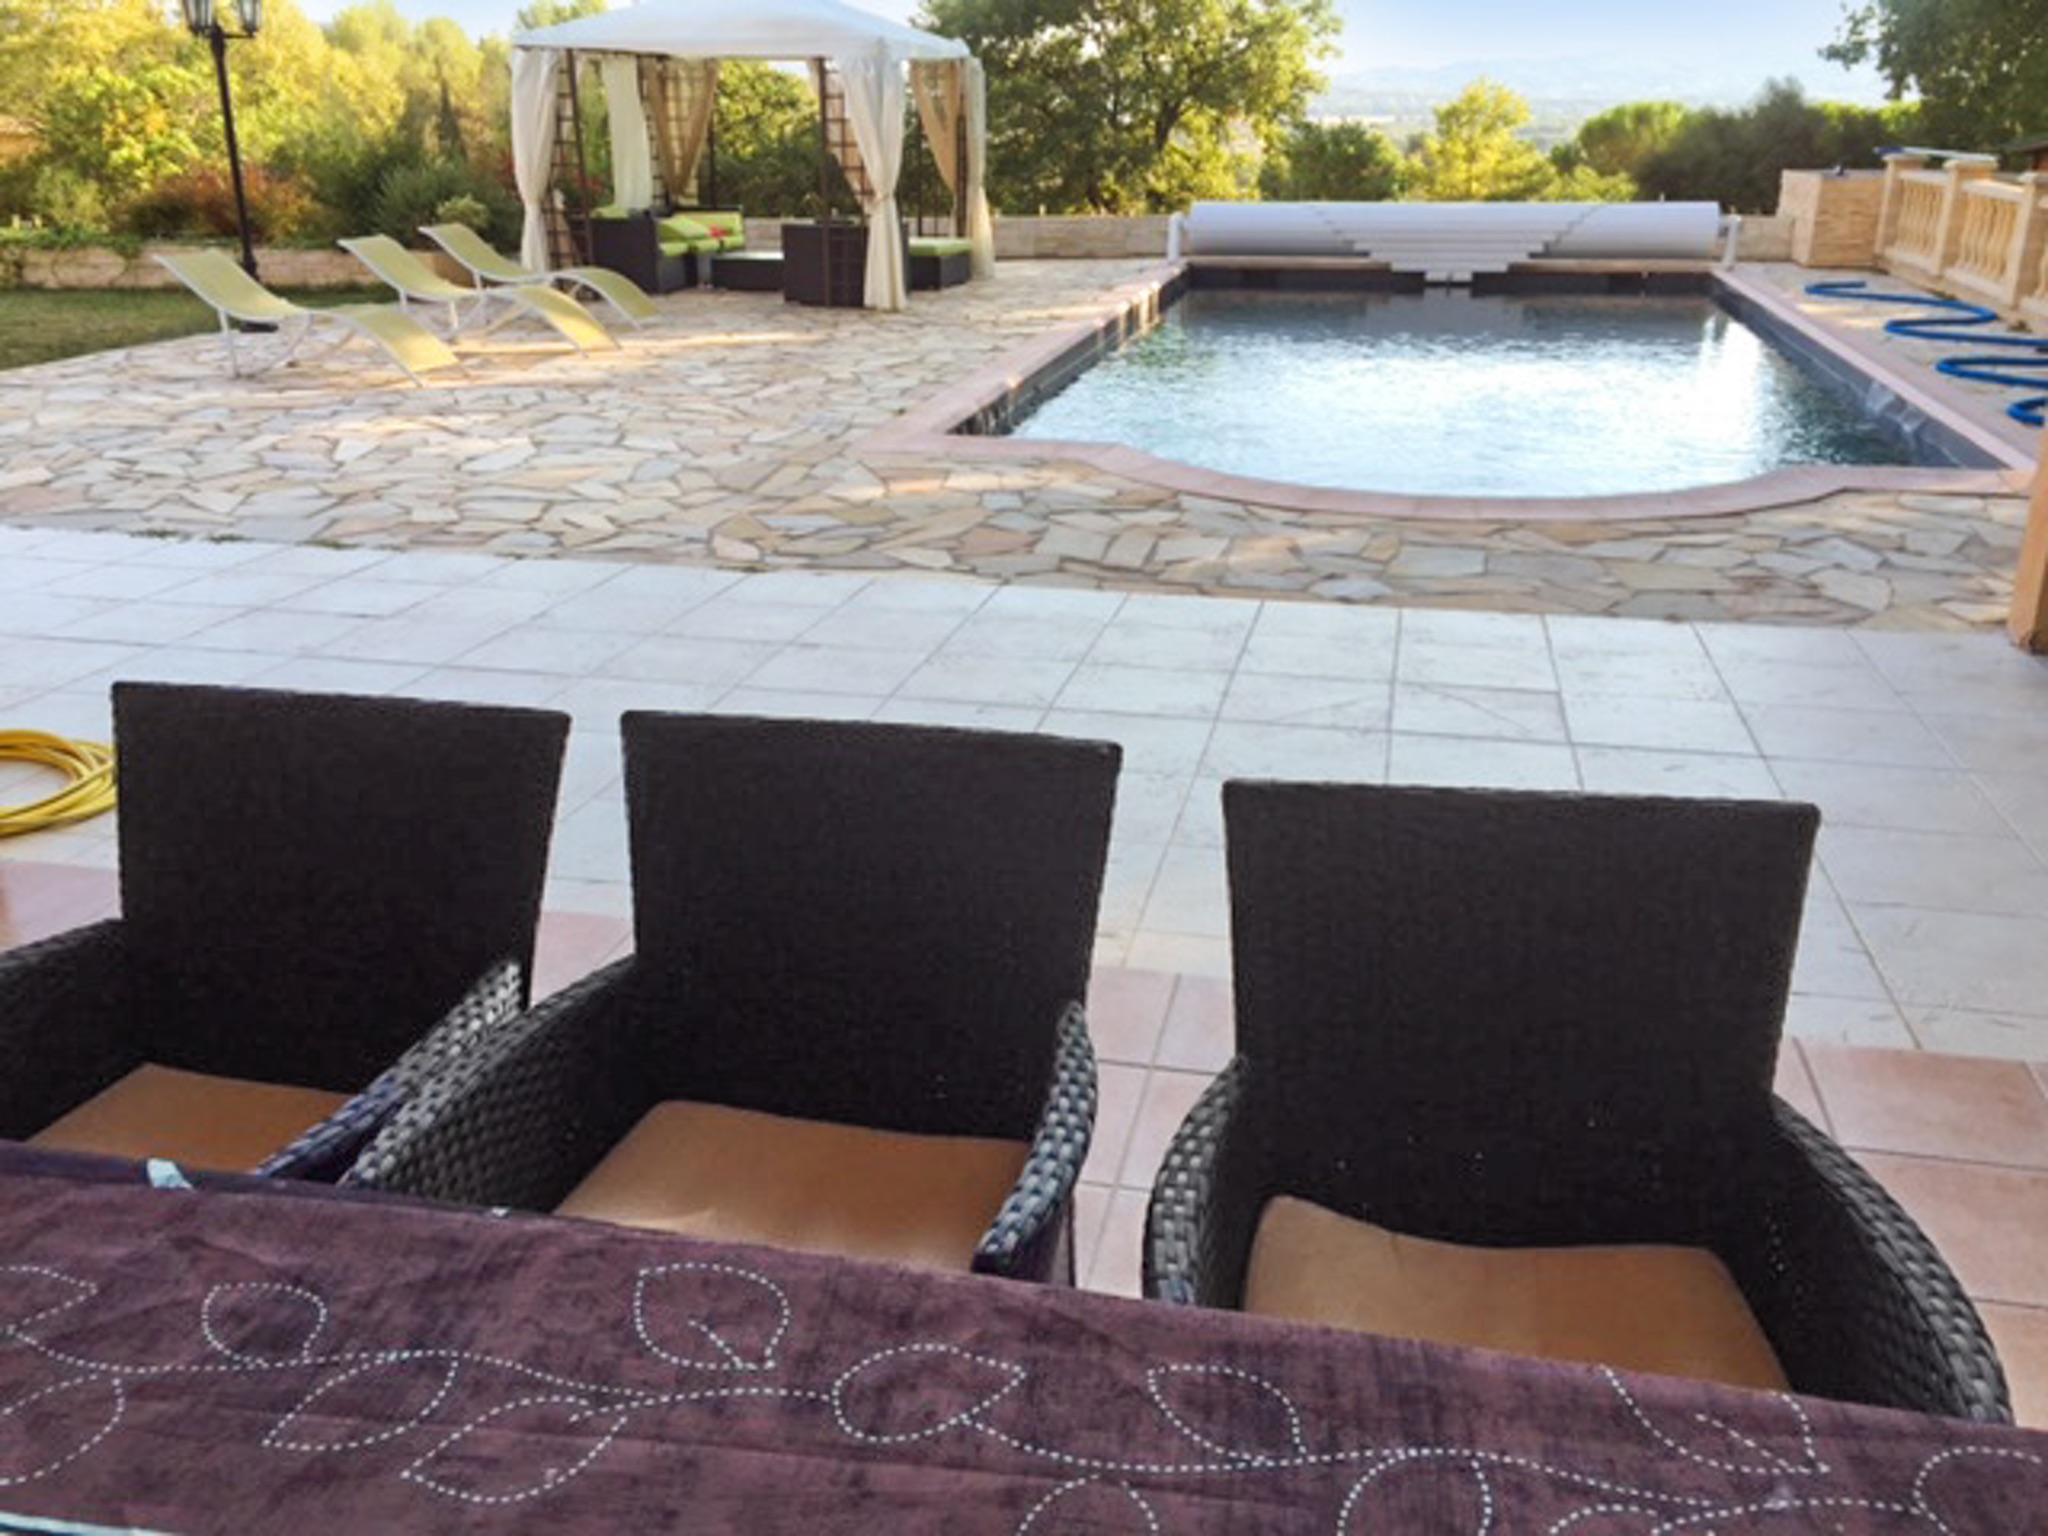 Ferienhaus Haus mit drei Schlafzimmern, Pool, Garten und Terrasse in der Luberon (2201928), Pertuis, Vaucluse, Provence - Alpen - Côte d'Azur, Frankreich, Bild 43